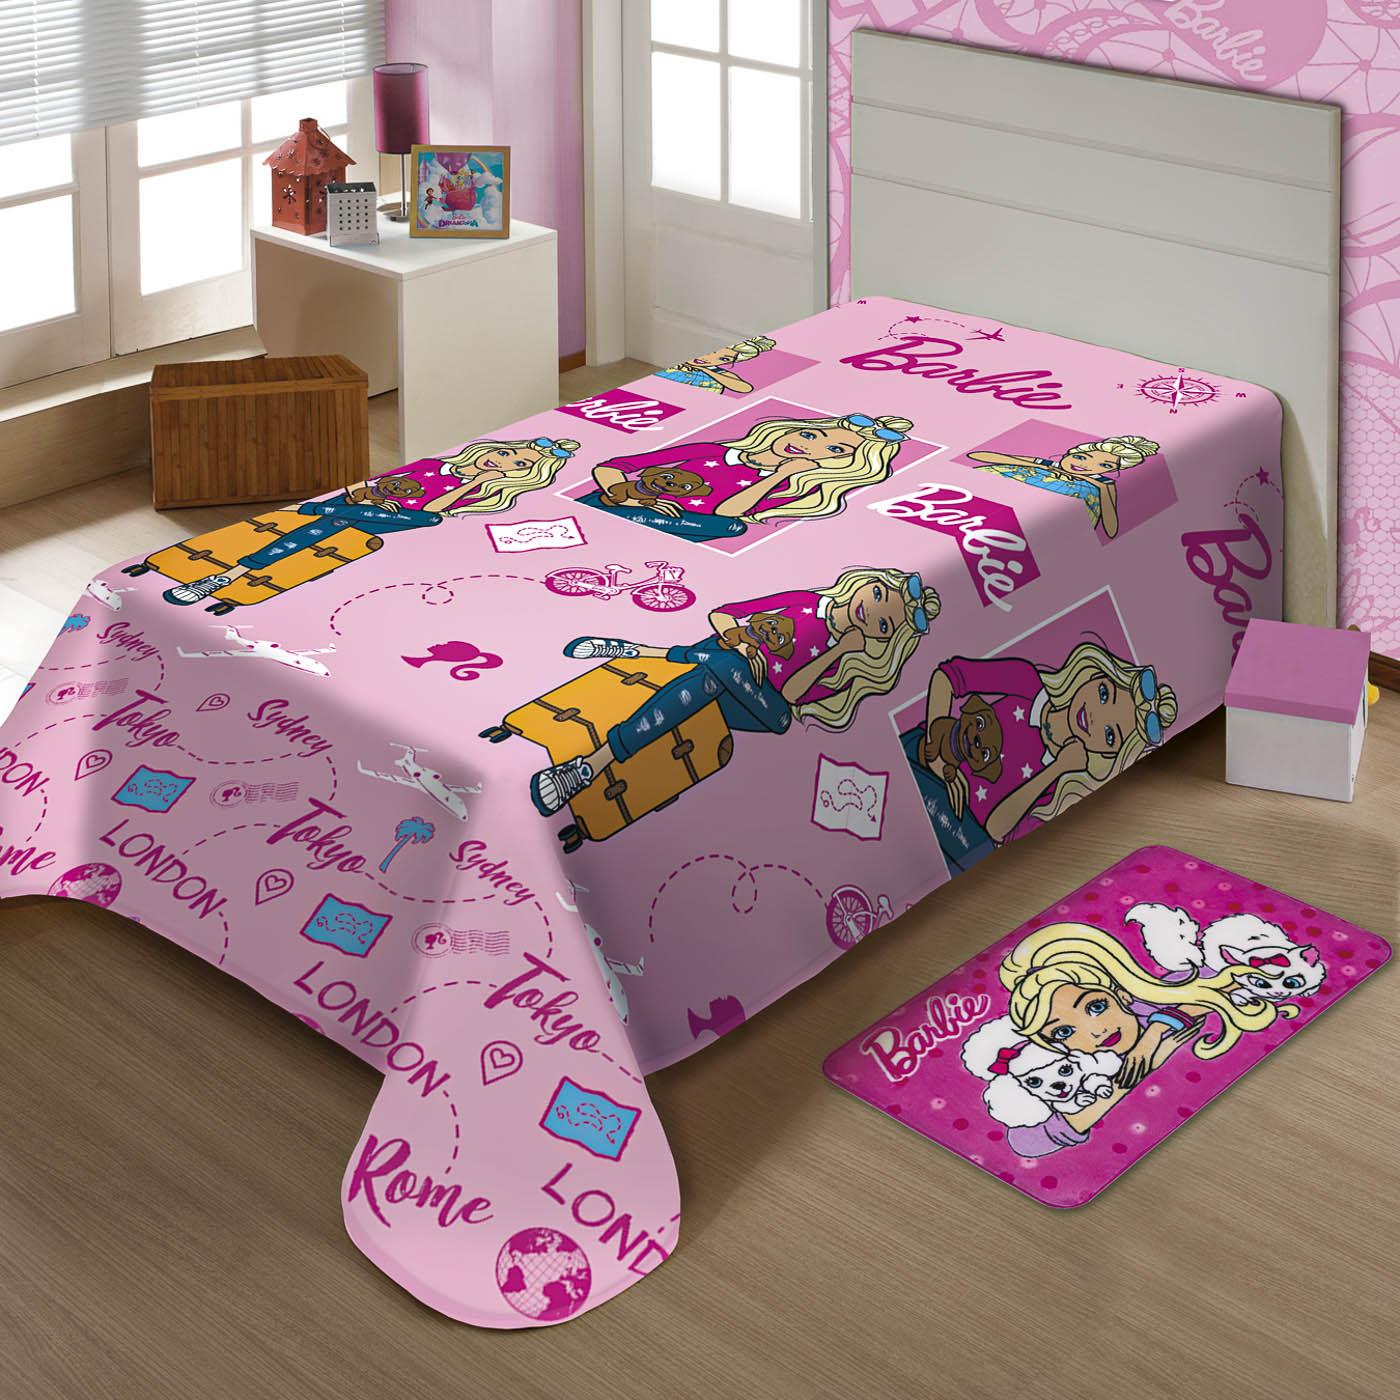 Cobertor Jolitex Ternille Licenciados Soft Solteiro Barbie